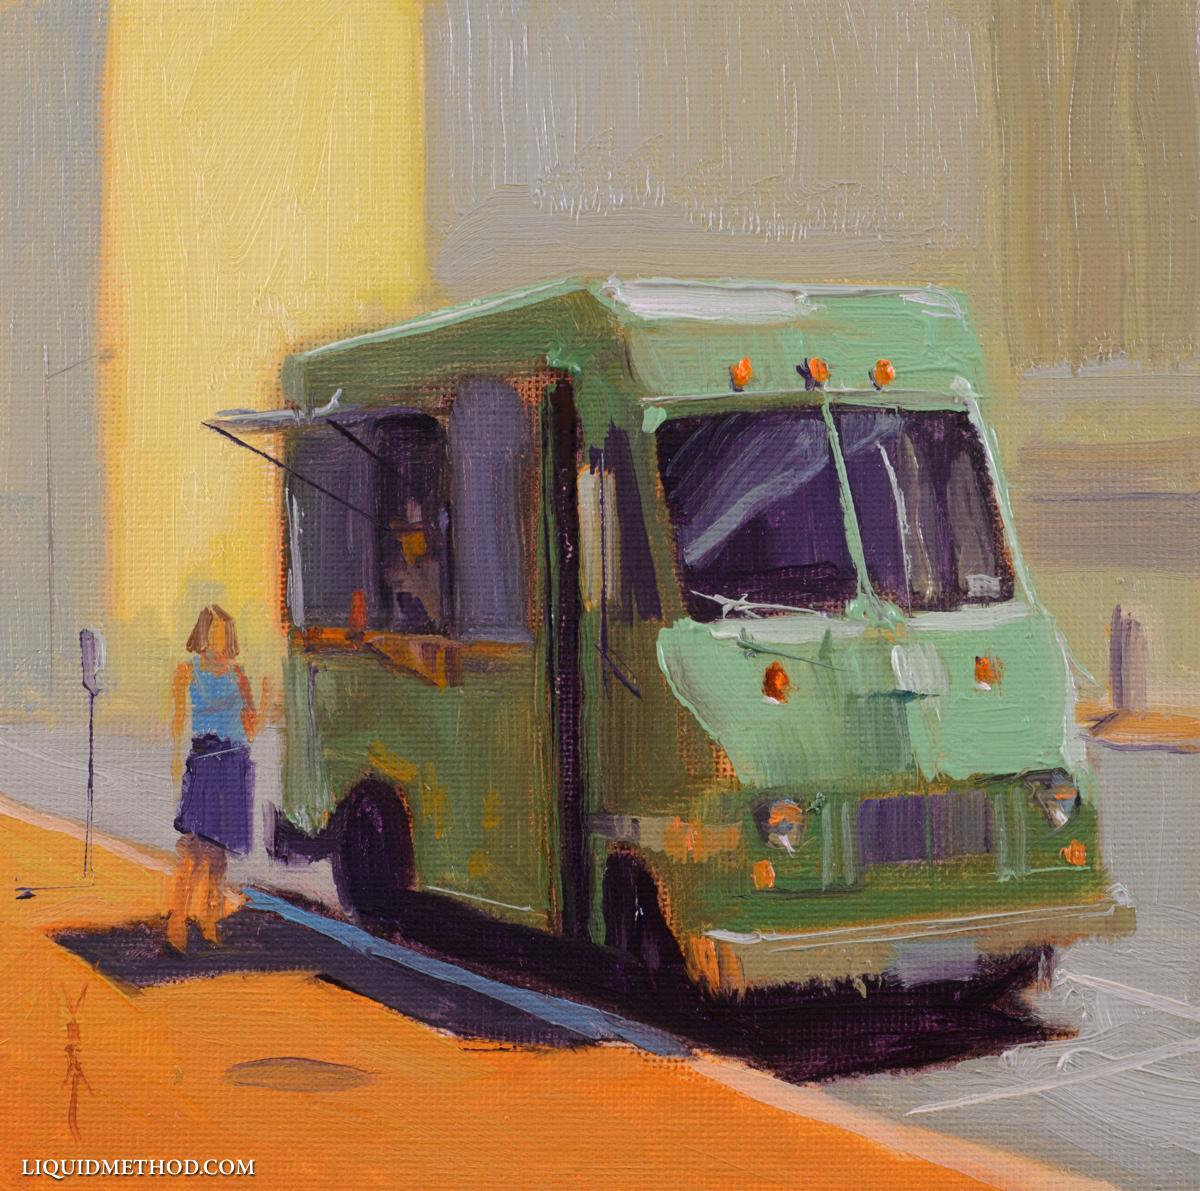 Panavoir Food Truck.jpg